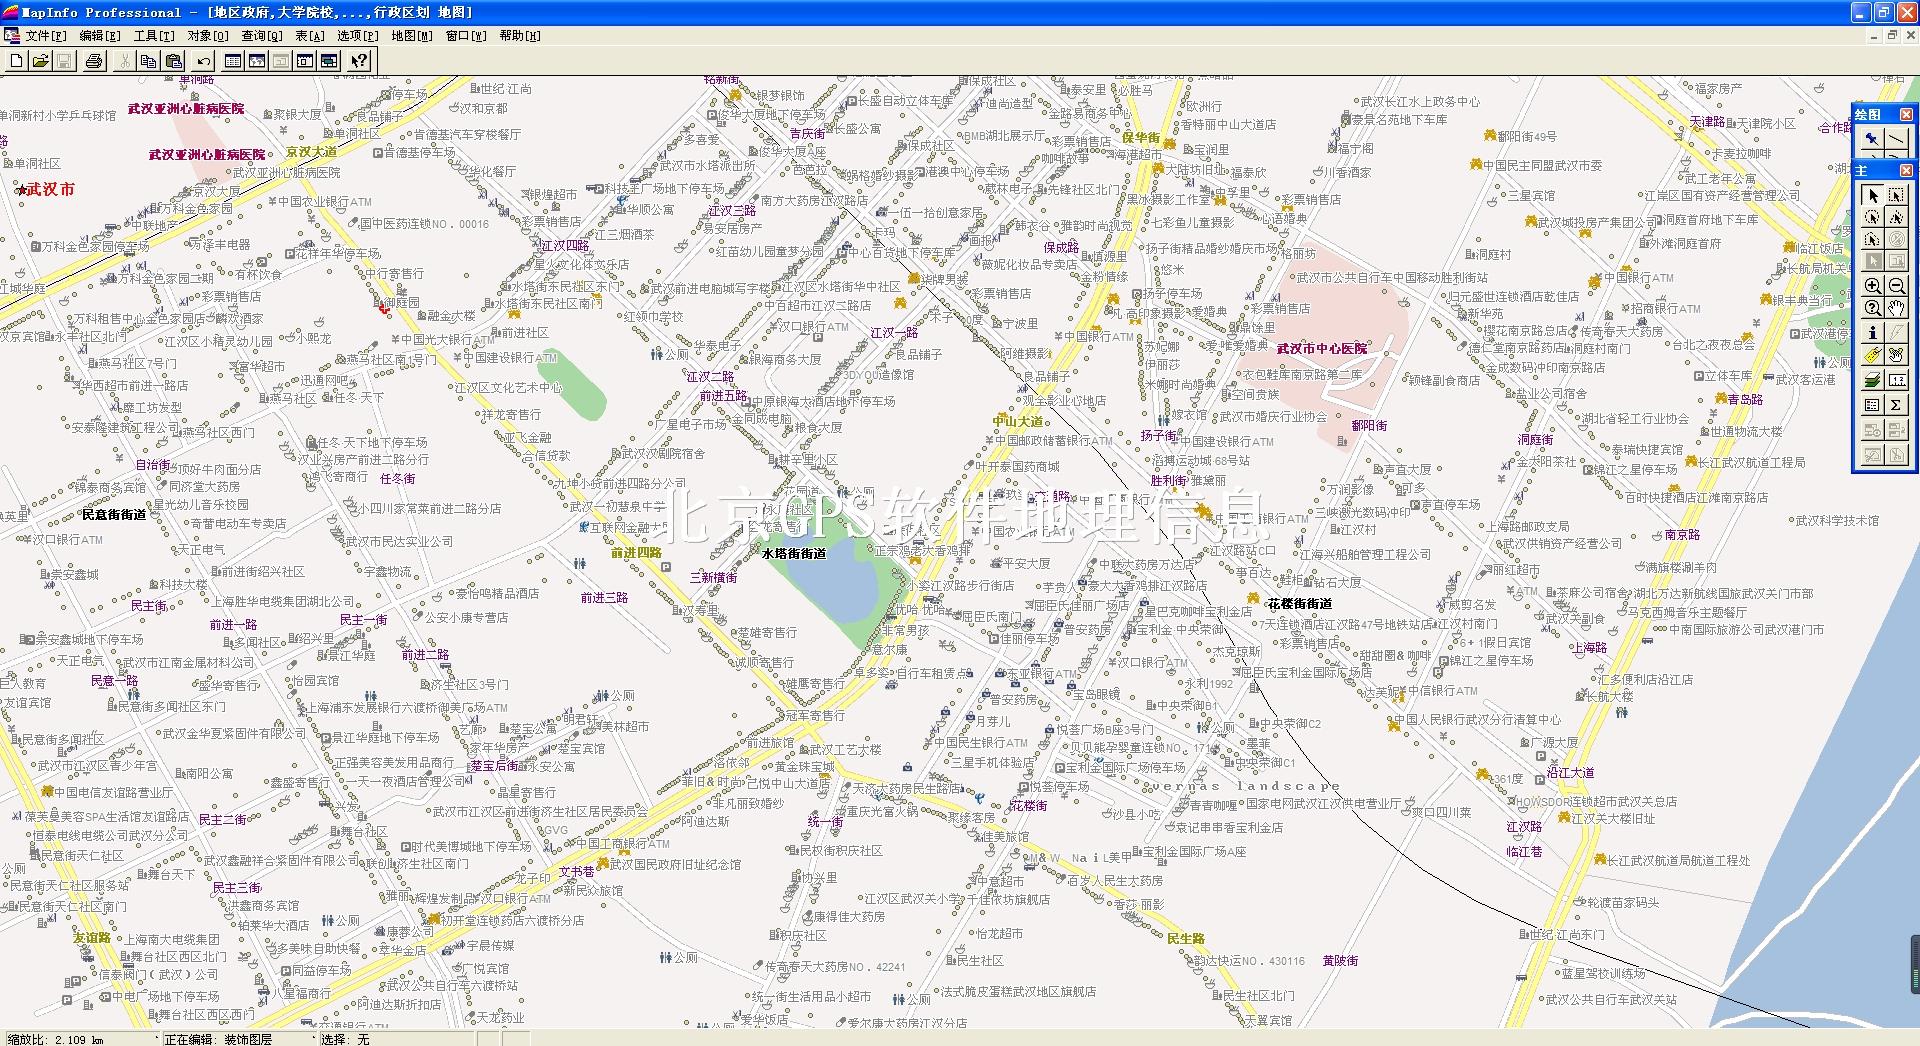 2016年湖北矢量电子地图_产品展示_2016年全国最新MAPINFO格式地图,GST,mapinfo地图,SHP格式,SGD格式,超图格式,SuperMap格式地图,乡镇边界区划图,SHP乡镇区划边界行政政区图2015年全国最新MAPI_北京GPS软件地理信息